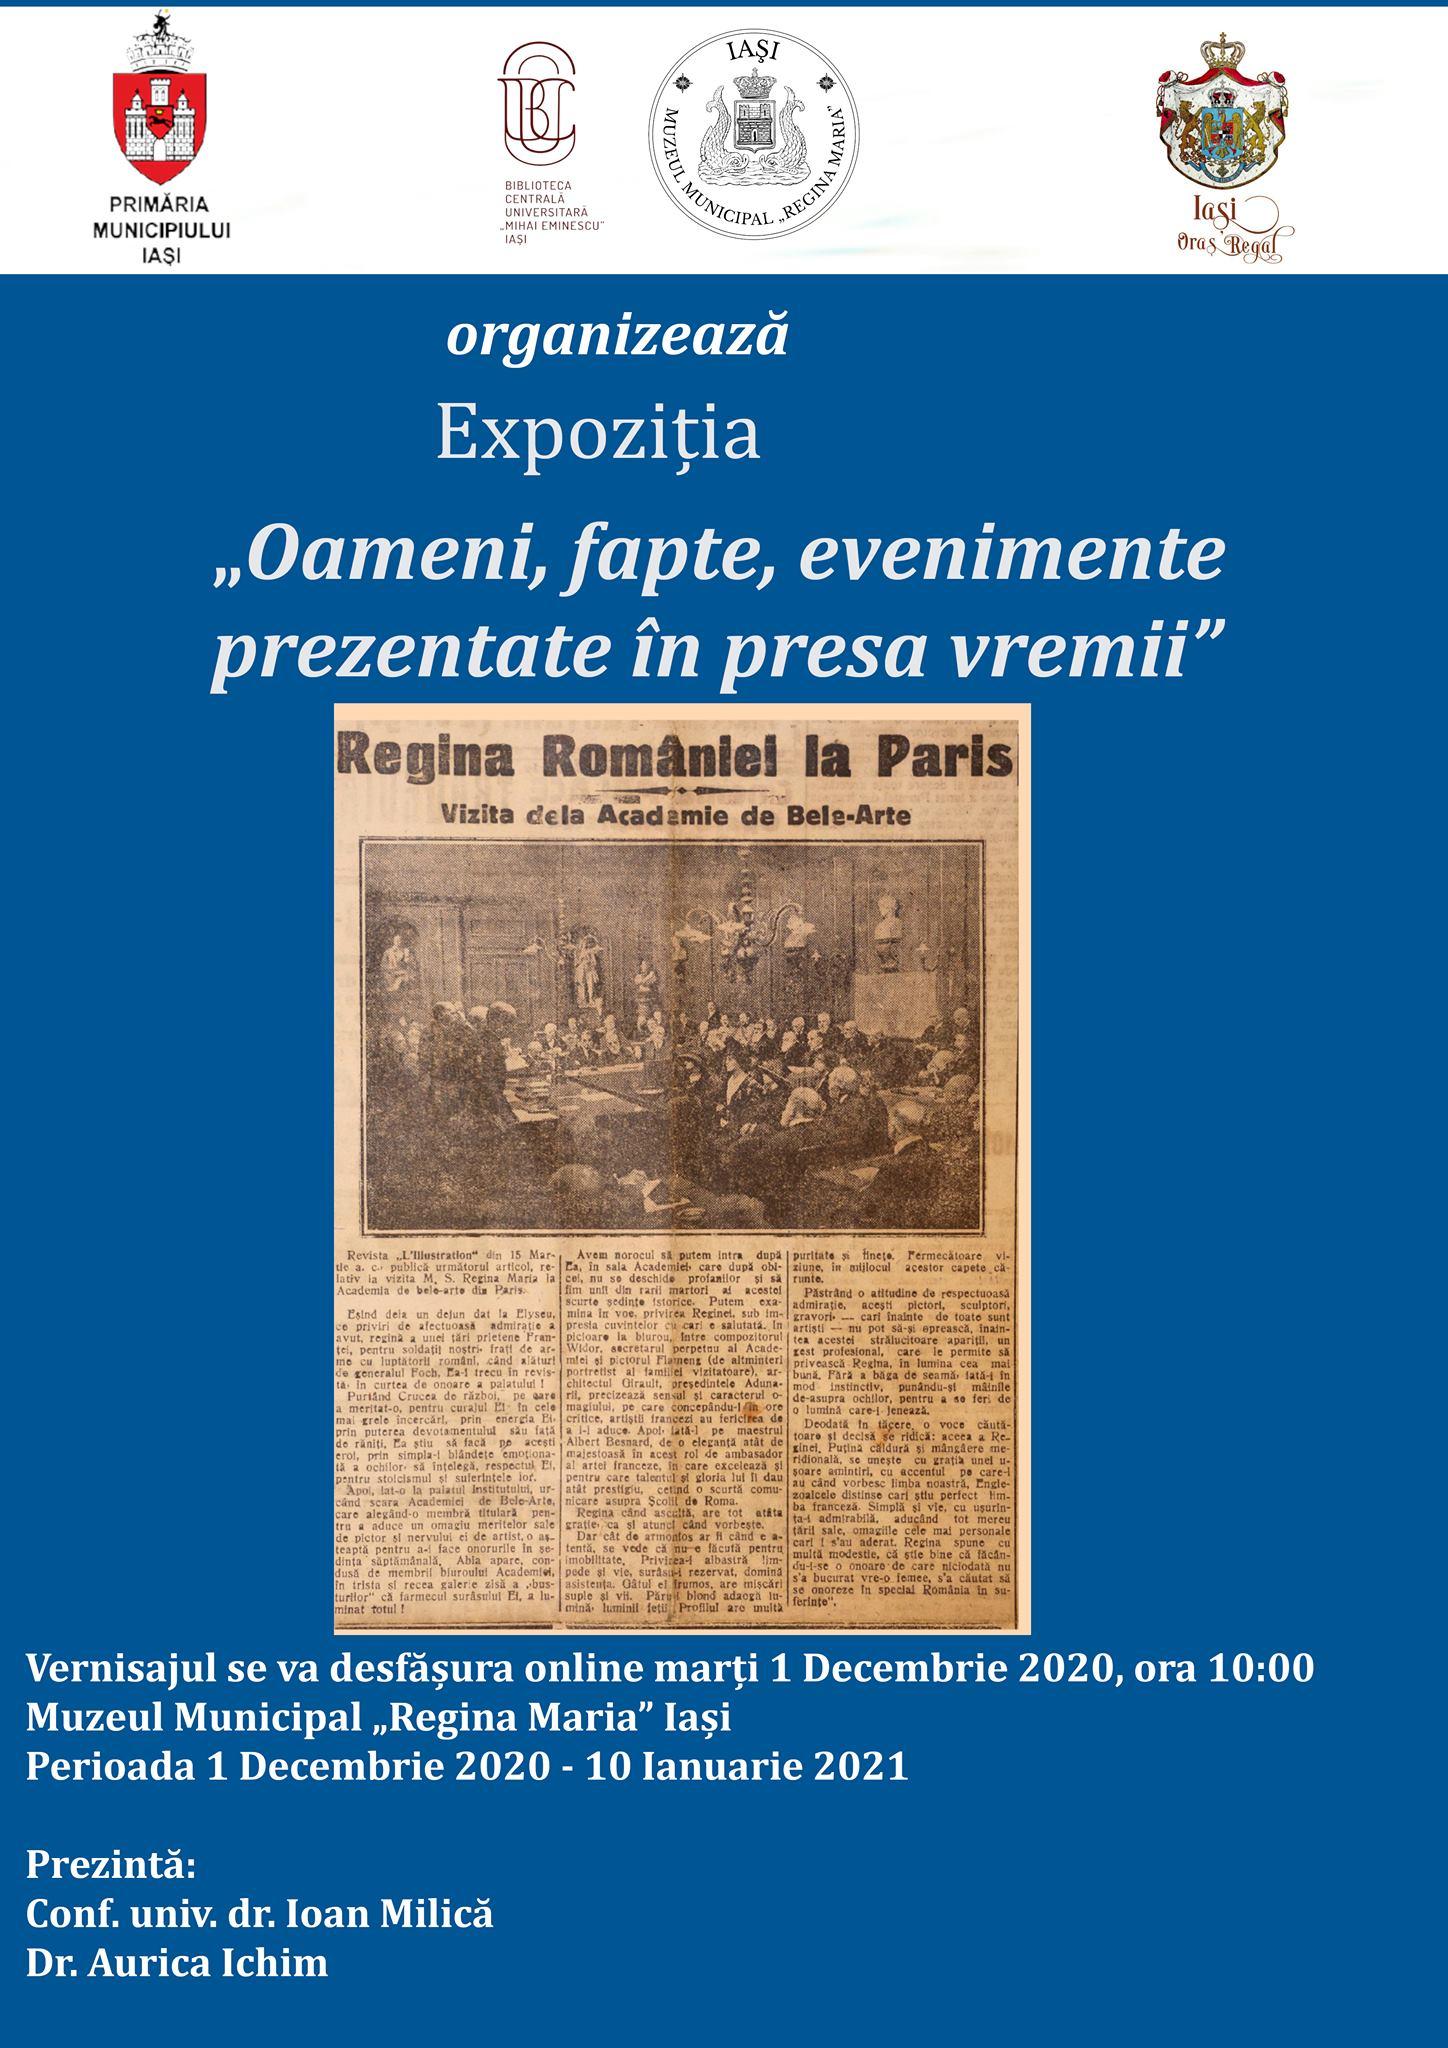 Oameni, fapte, evenimente prezentate în presa vremii